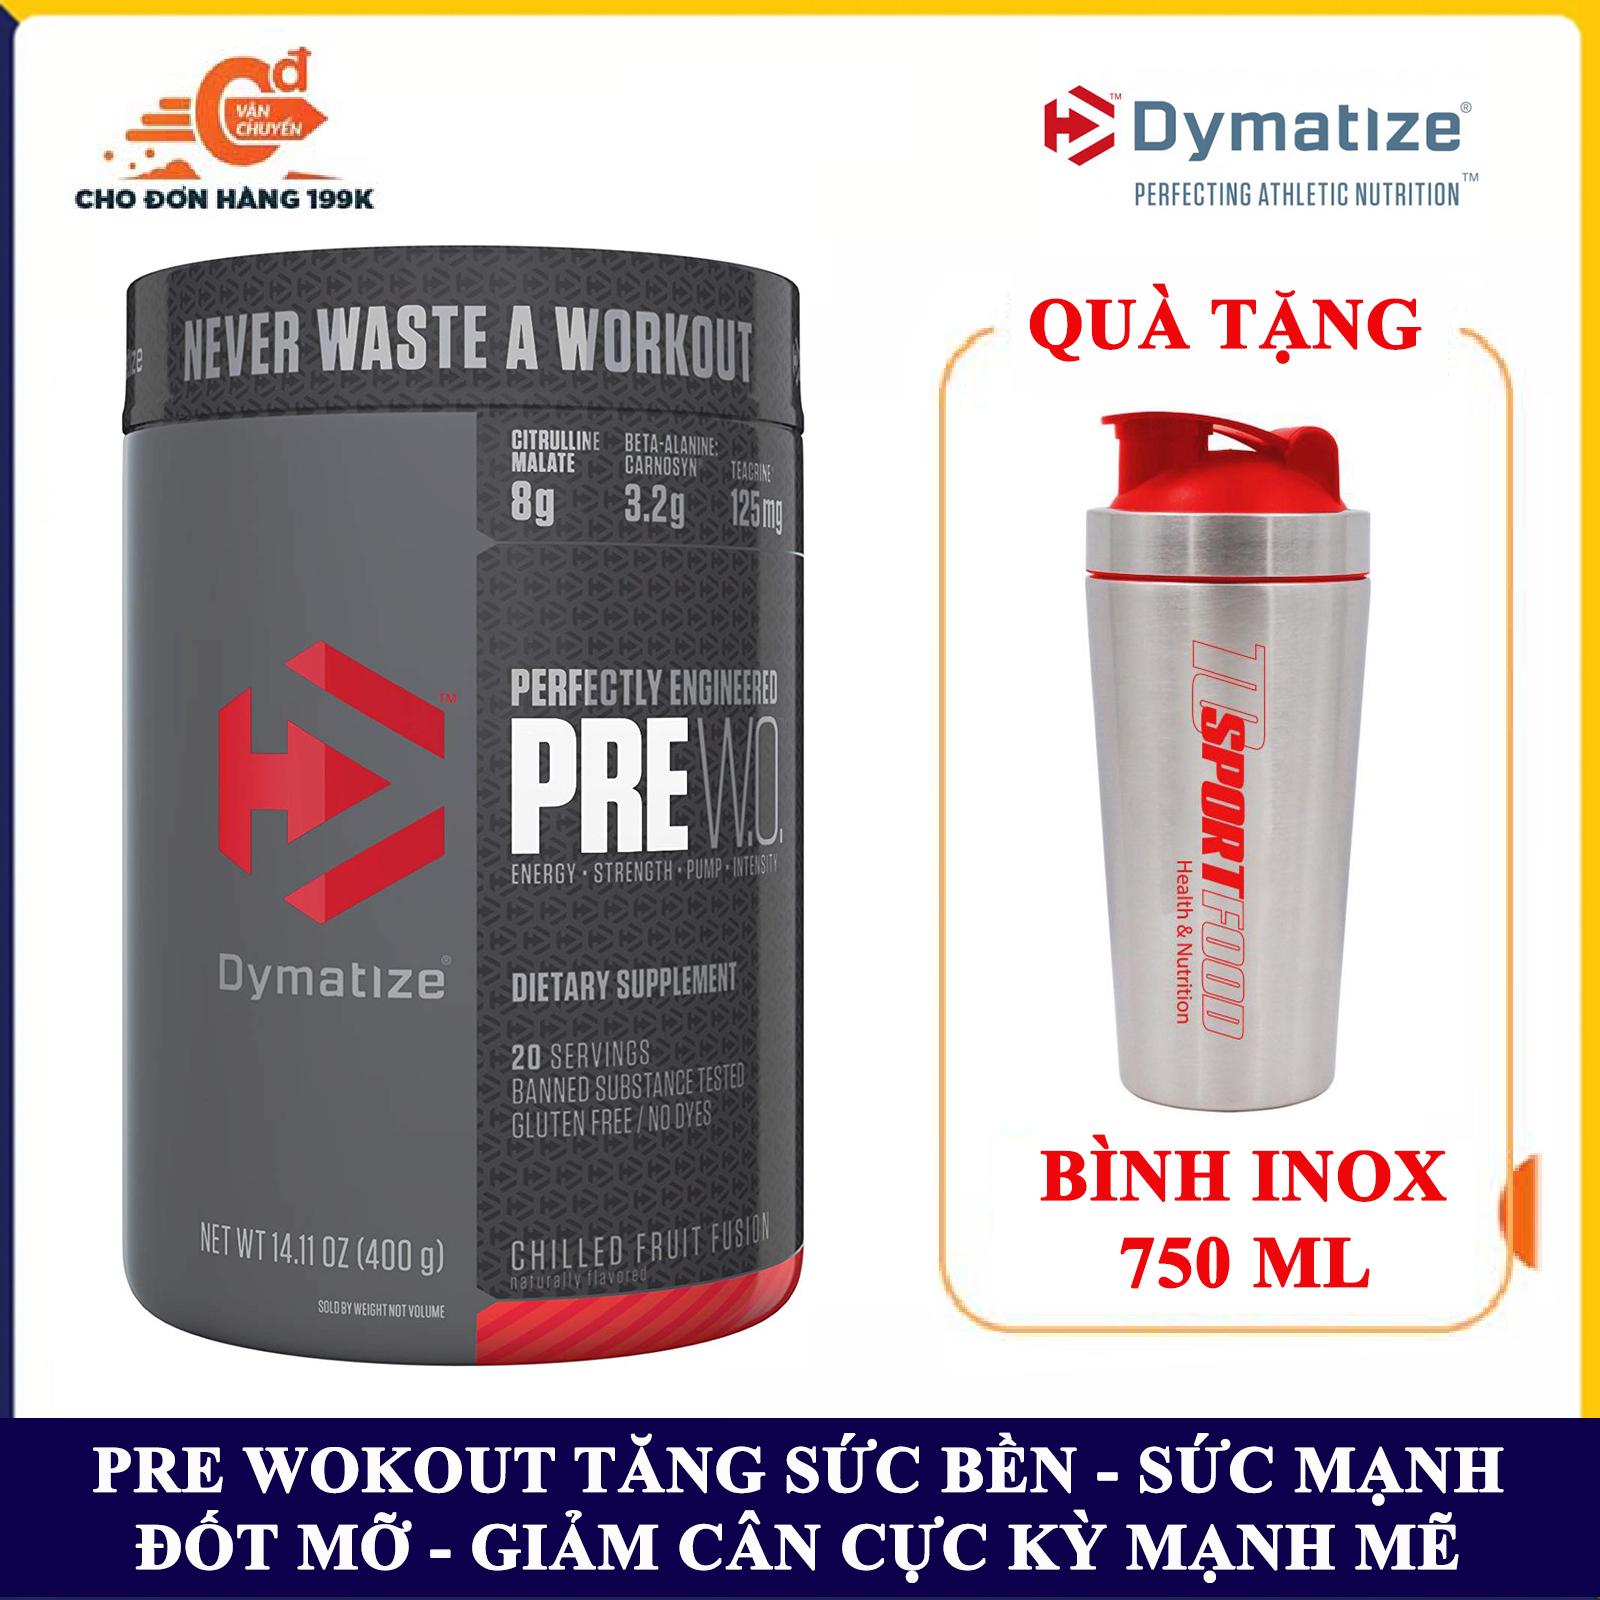 [FREE SHAKER INOX] Pre Workout tăng sức bền sức mạnh PRE WO của DYMATIZE hỗ trợ tăng sức bền, sức mạnh, đốt mỡ, giảm cân, giảm mỡ bụng mạnh mẽ cho người tập GYM và chơi thể thao nhập khẩu